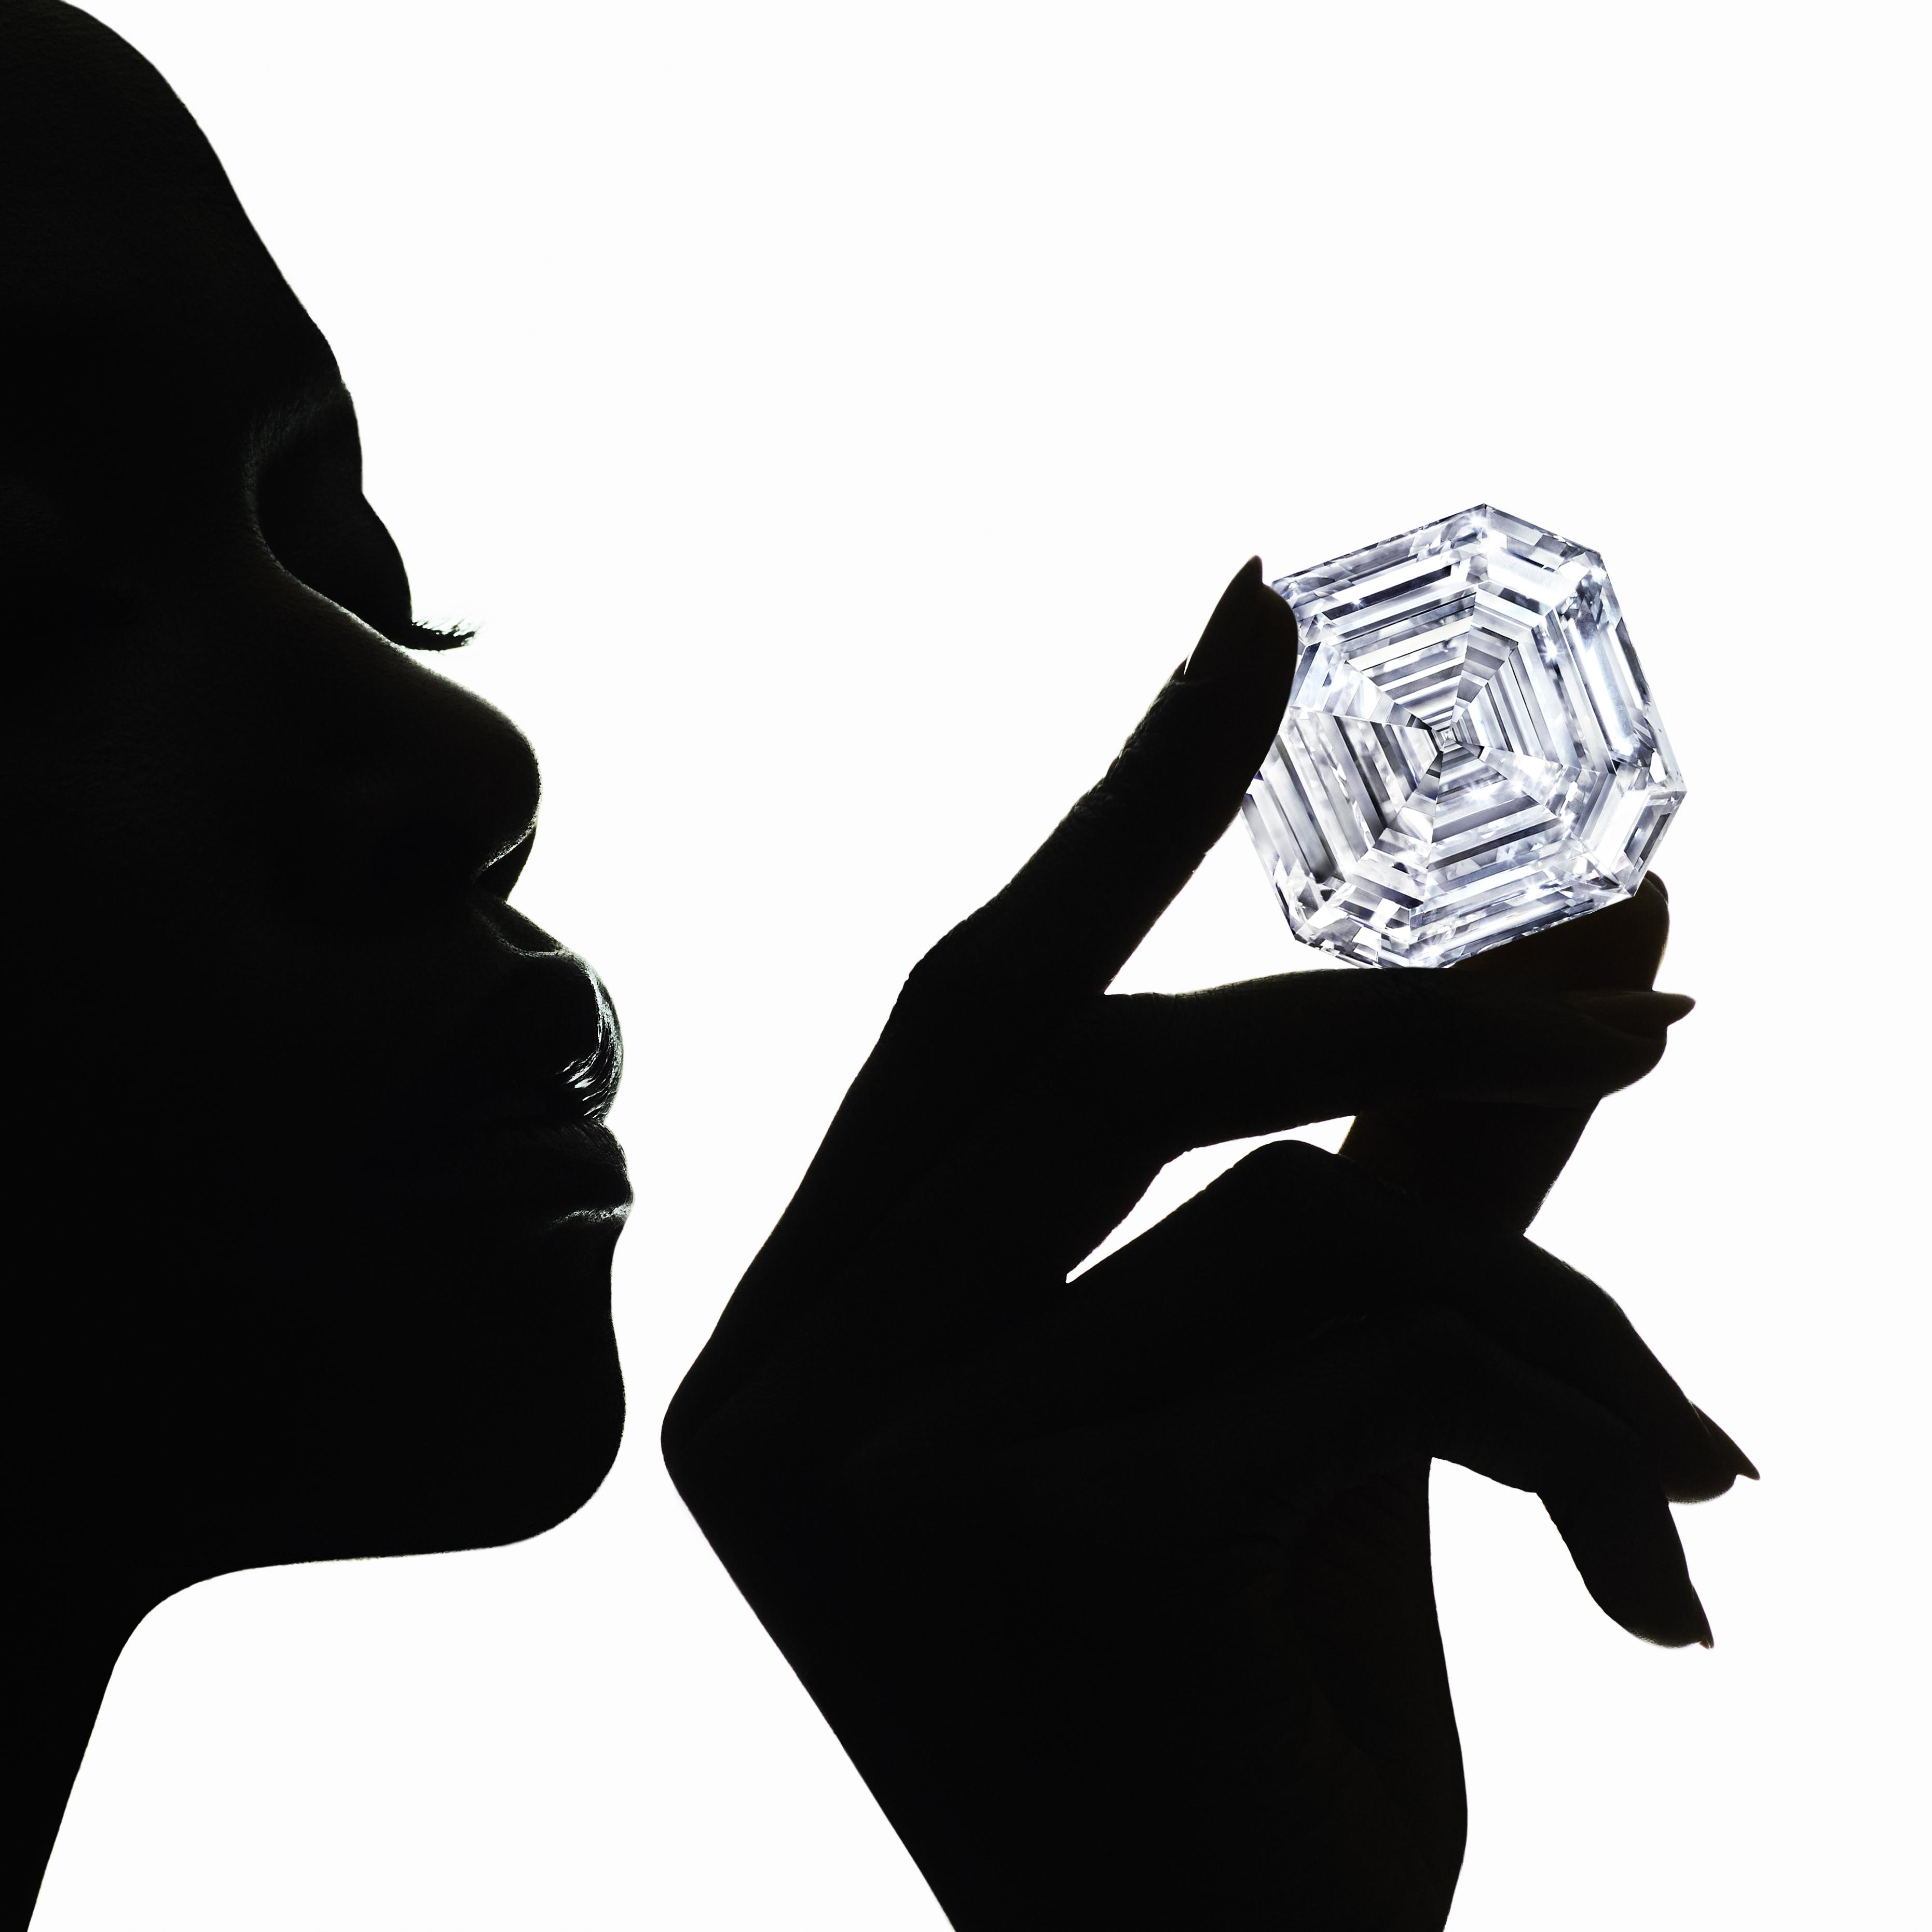 Graff's Lesedi La Rona diamond